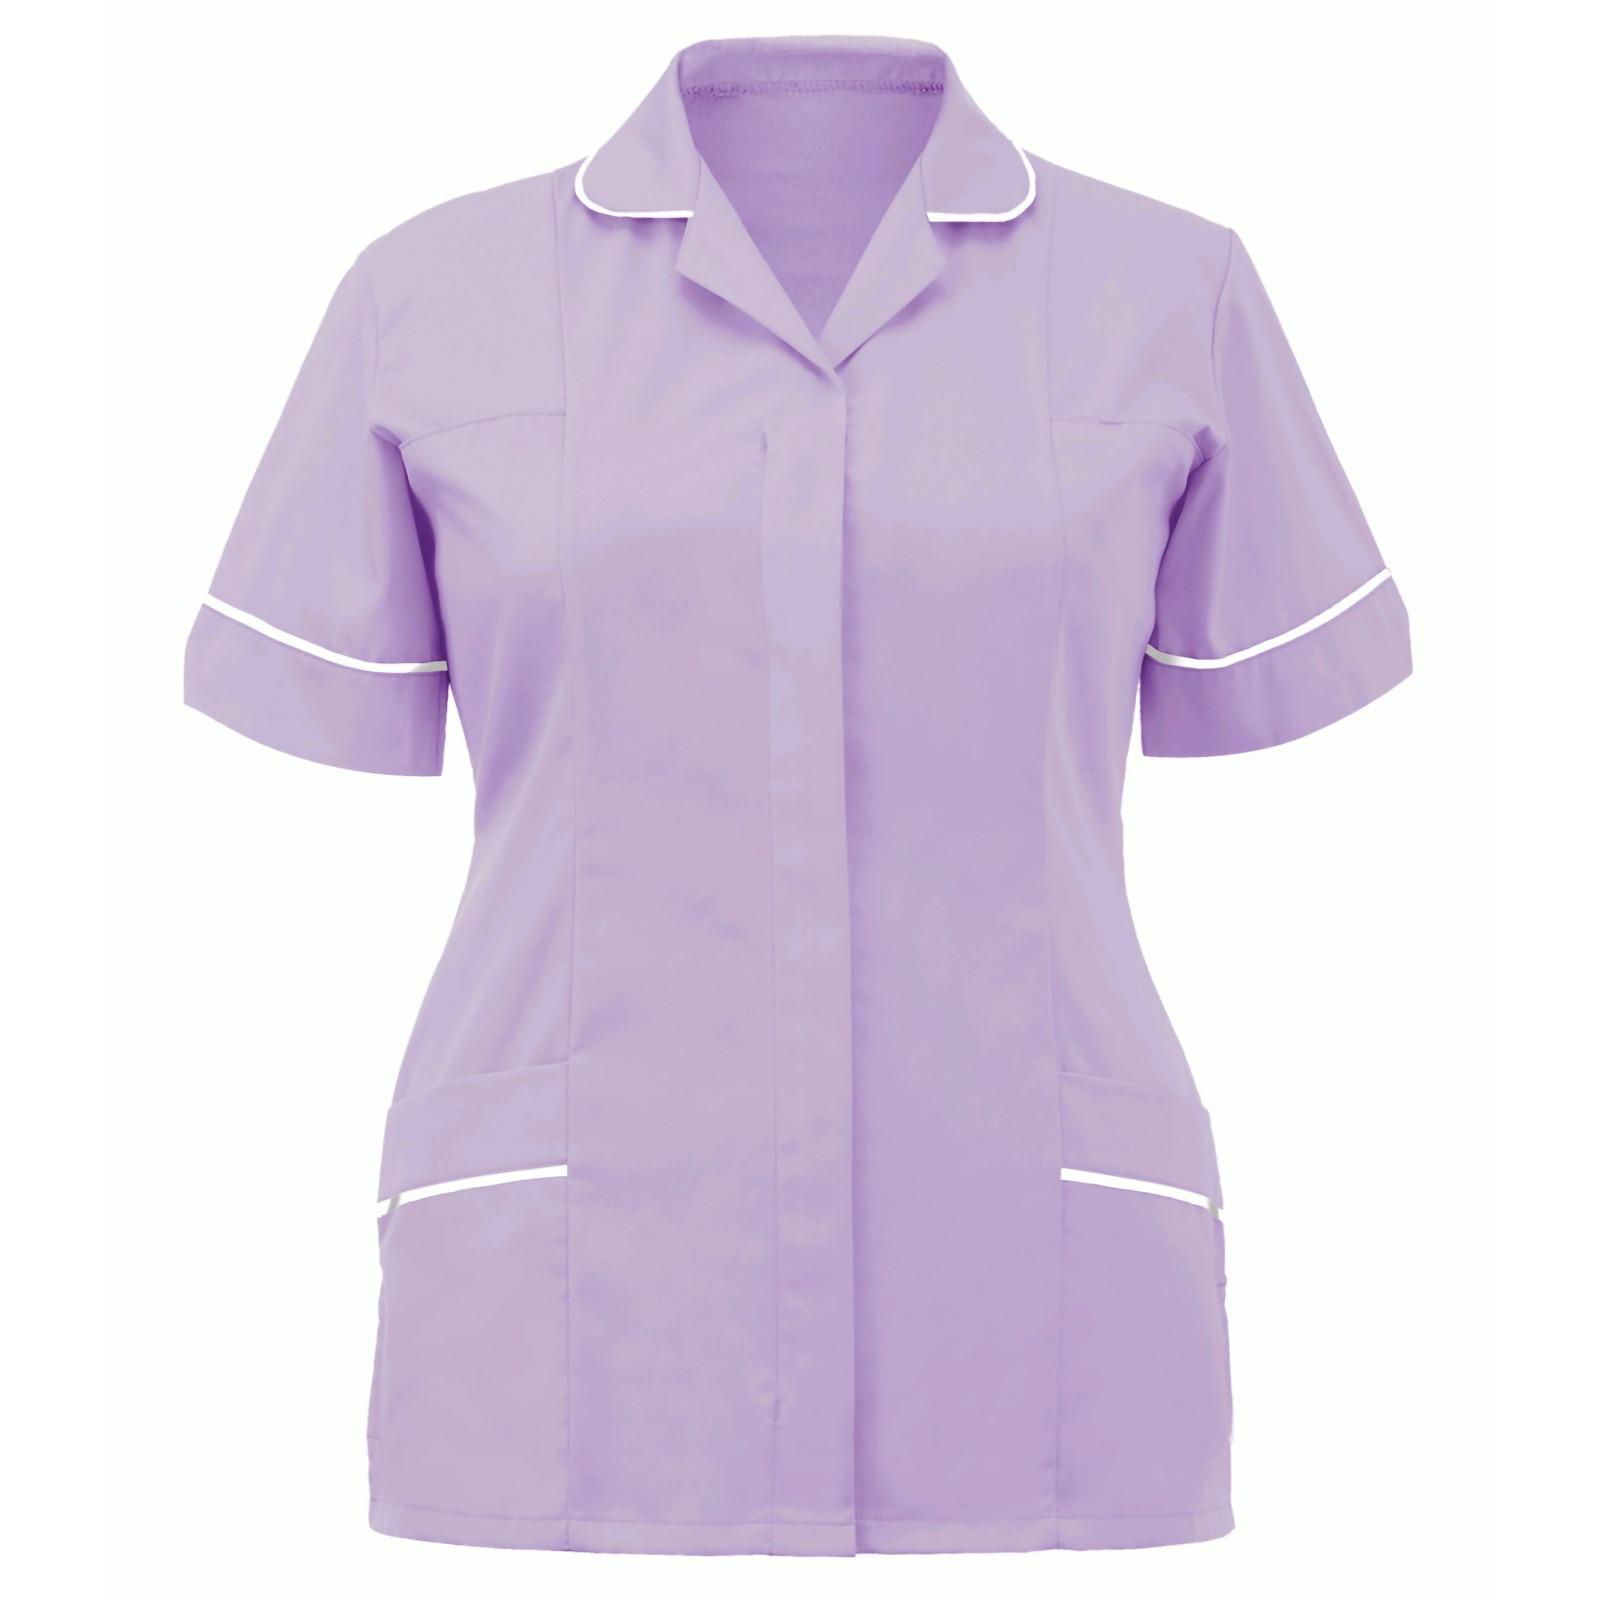 2021 Женская туника для медсестер, защитная одежда для клиники с лацканами, топы, летняя женская модная искусственная кожа